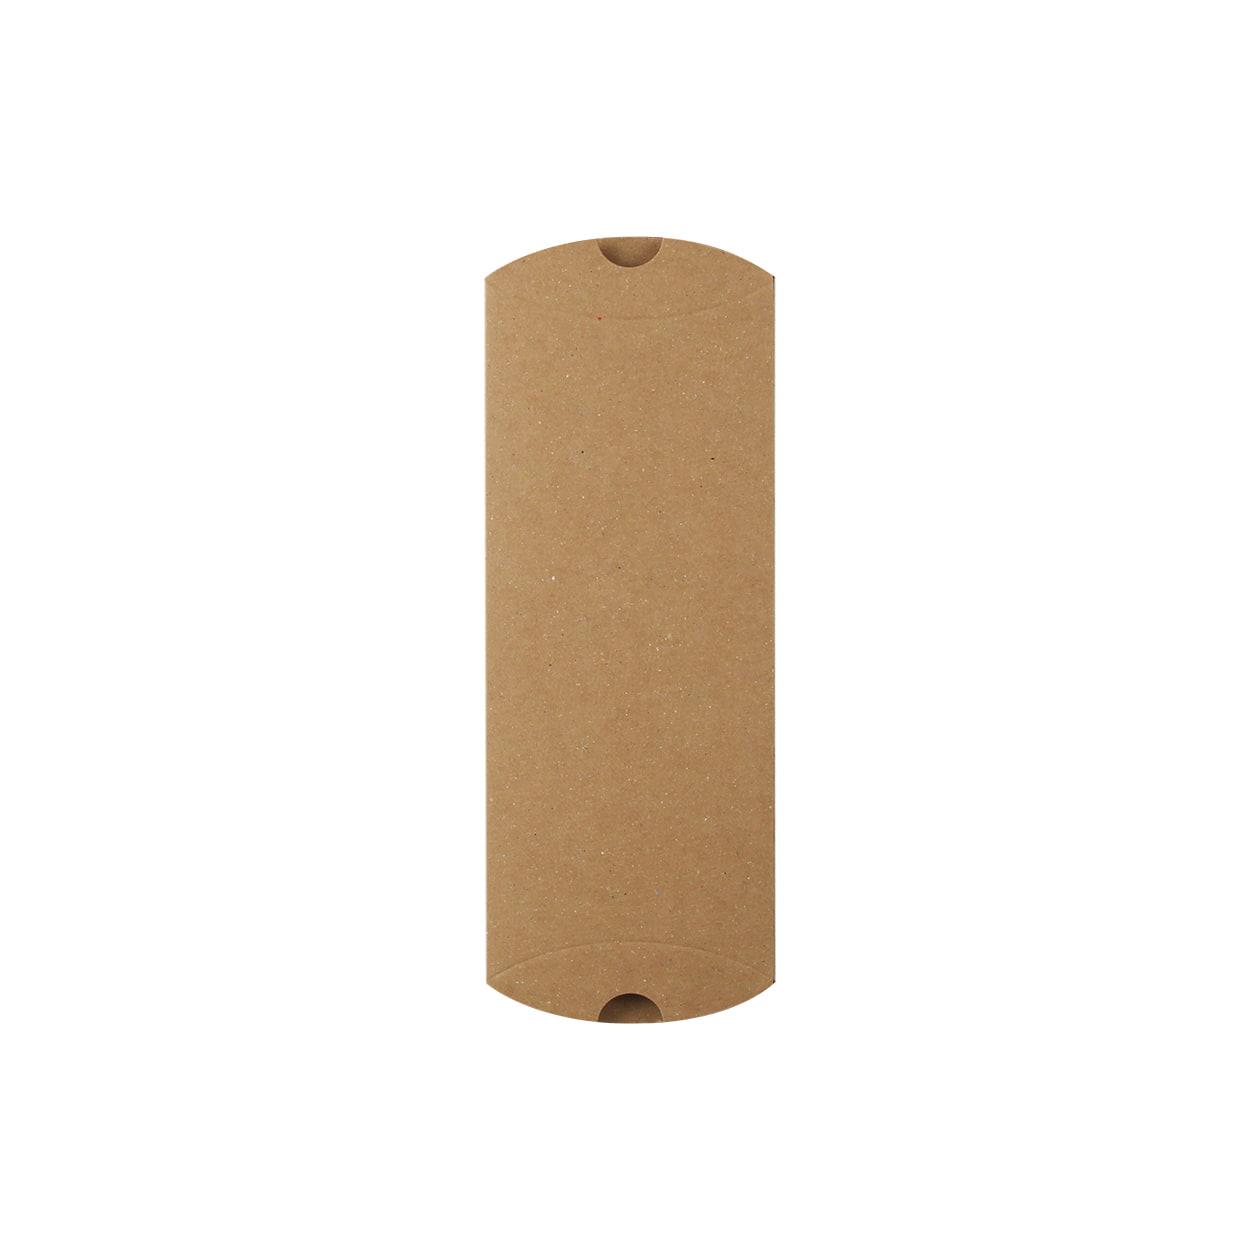 ピローケース70×170×20 ボード紙 ブラウン 270g